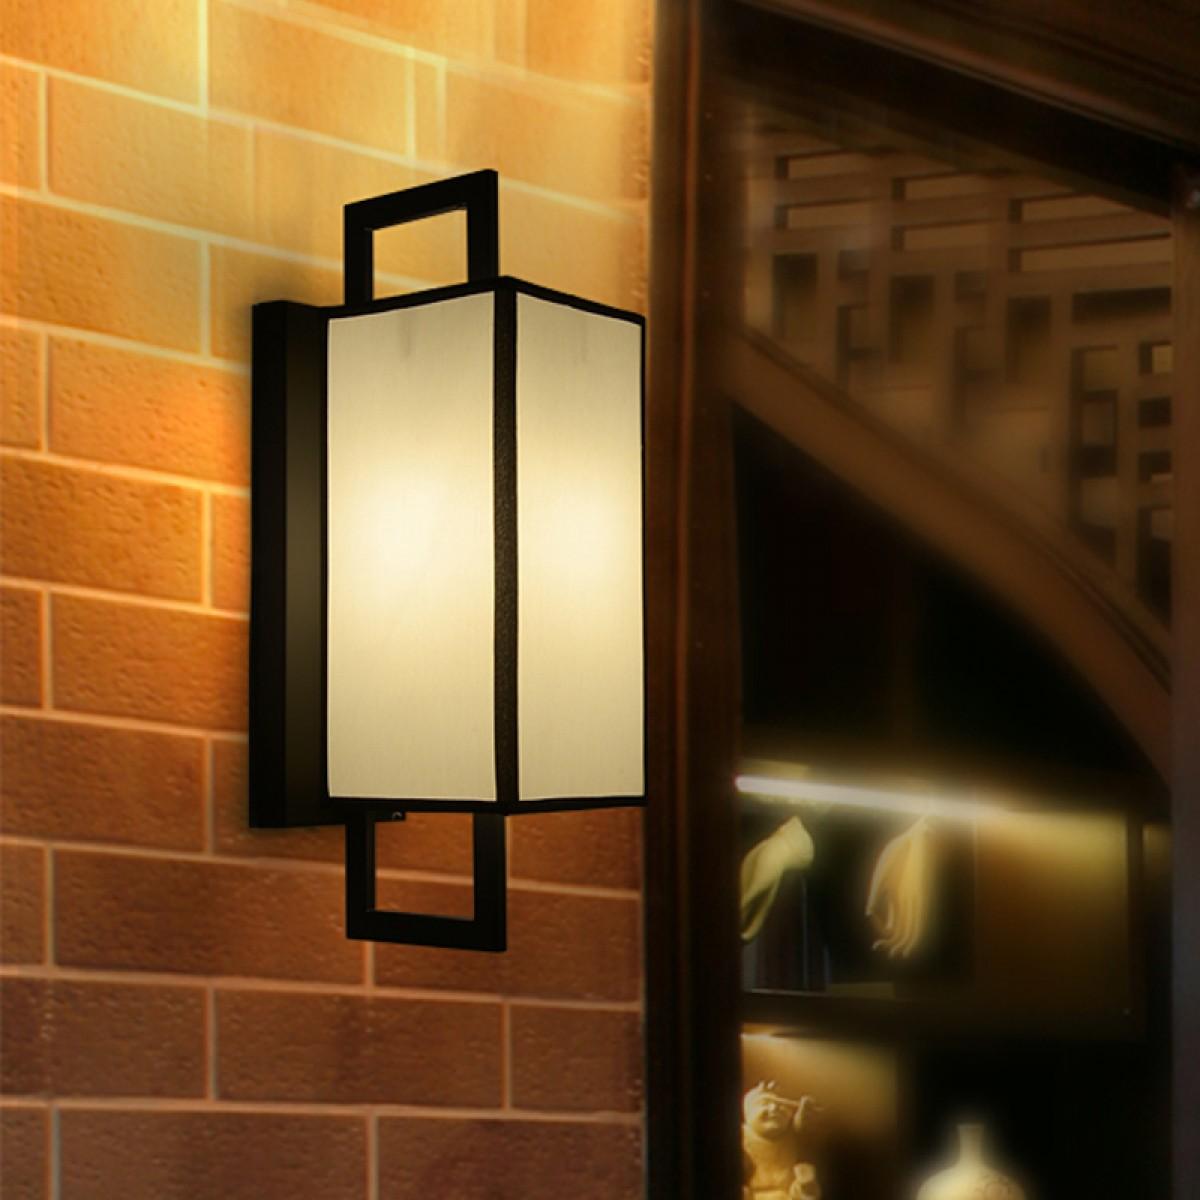 新中式壁灯铁艺布艺客厅走道卧室客房床头灯客厅装修酒店工程灯